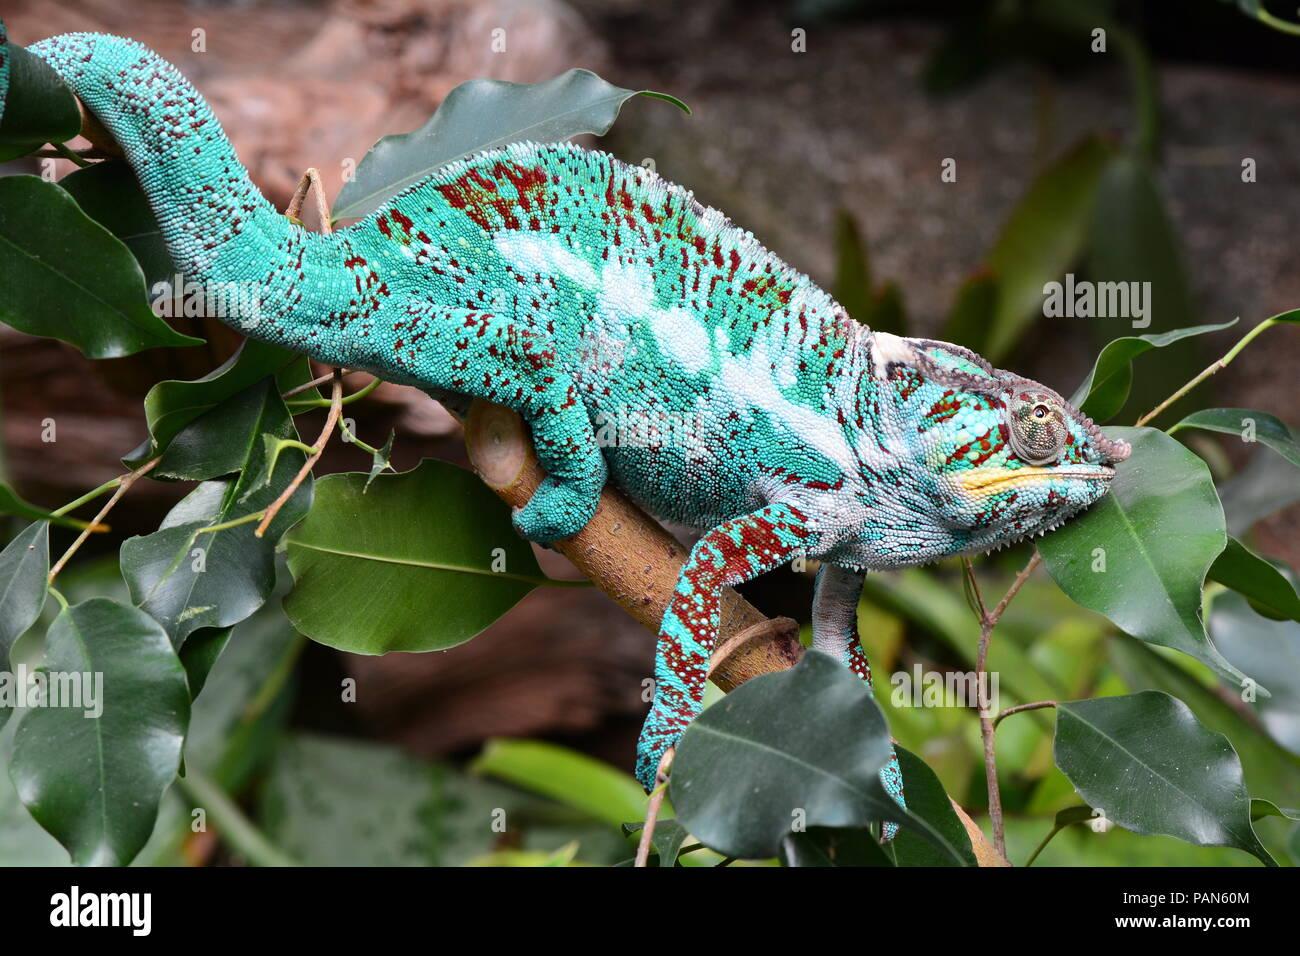 Un caméléon coloré promenades autour de son environnement de montrer sa beauté. Photo Stock